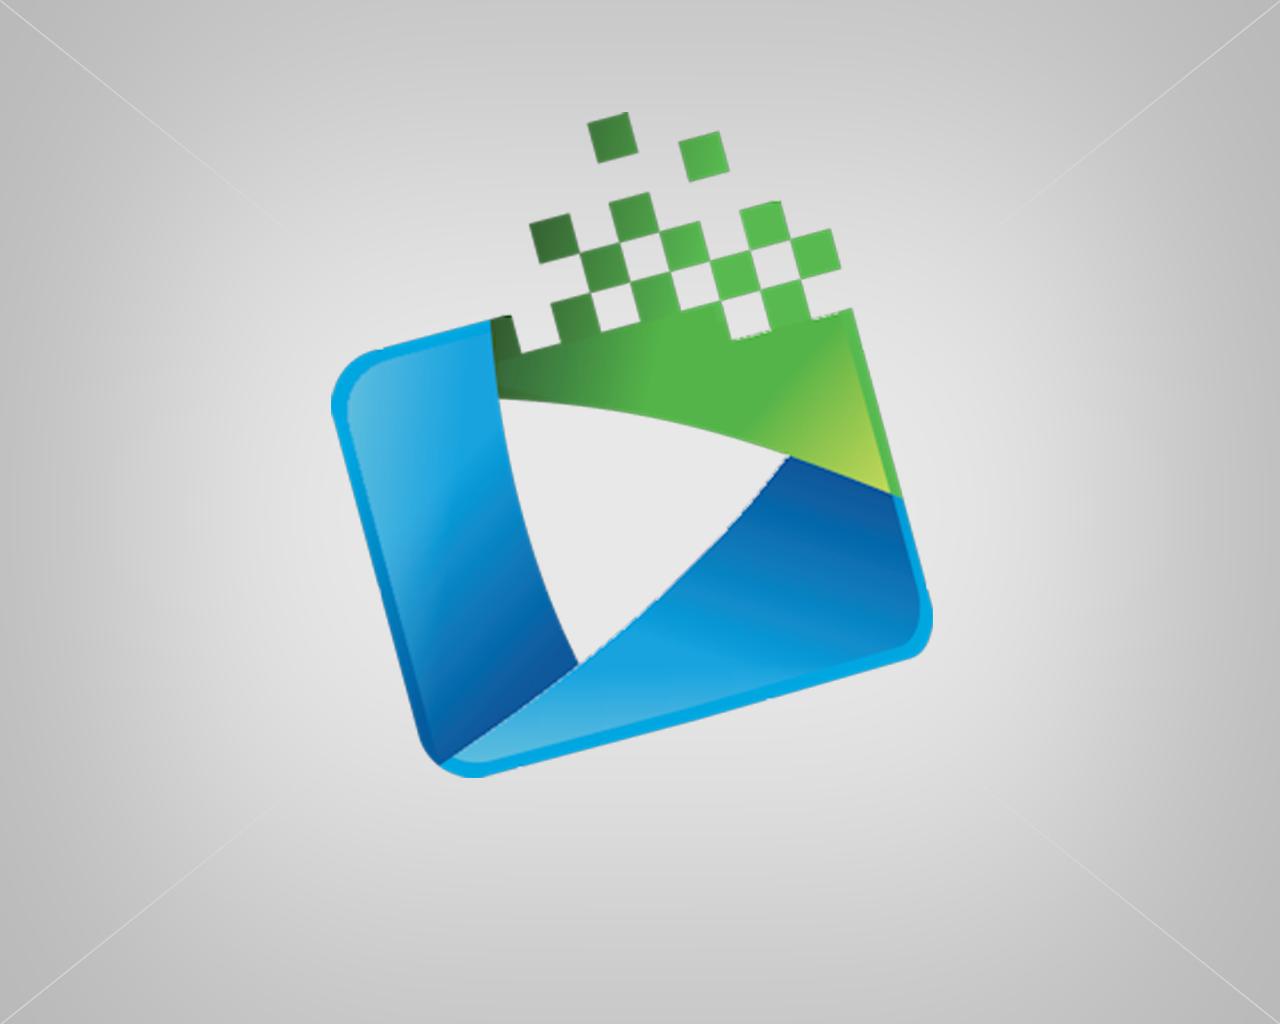 Whatsapp Wallpapers - Mundome